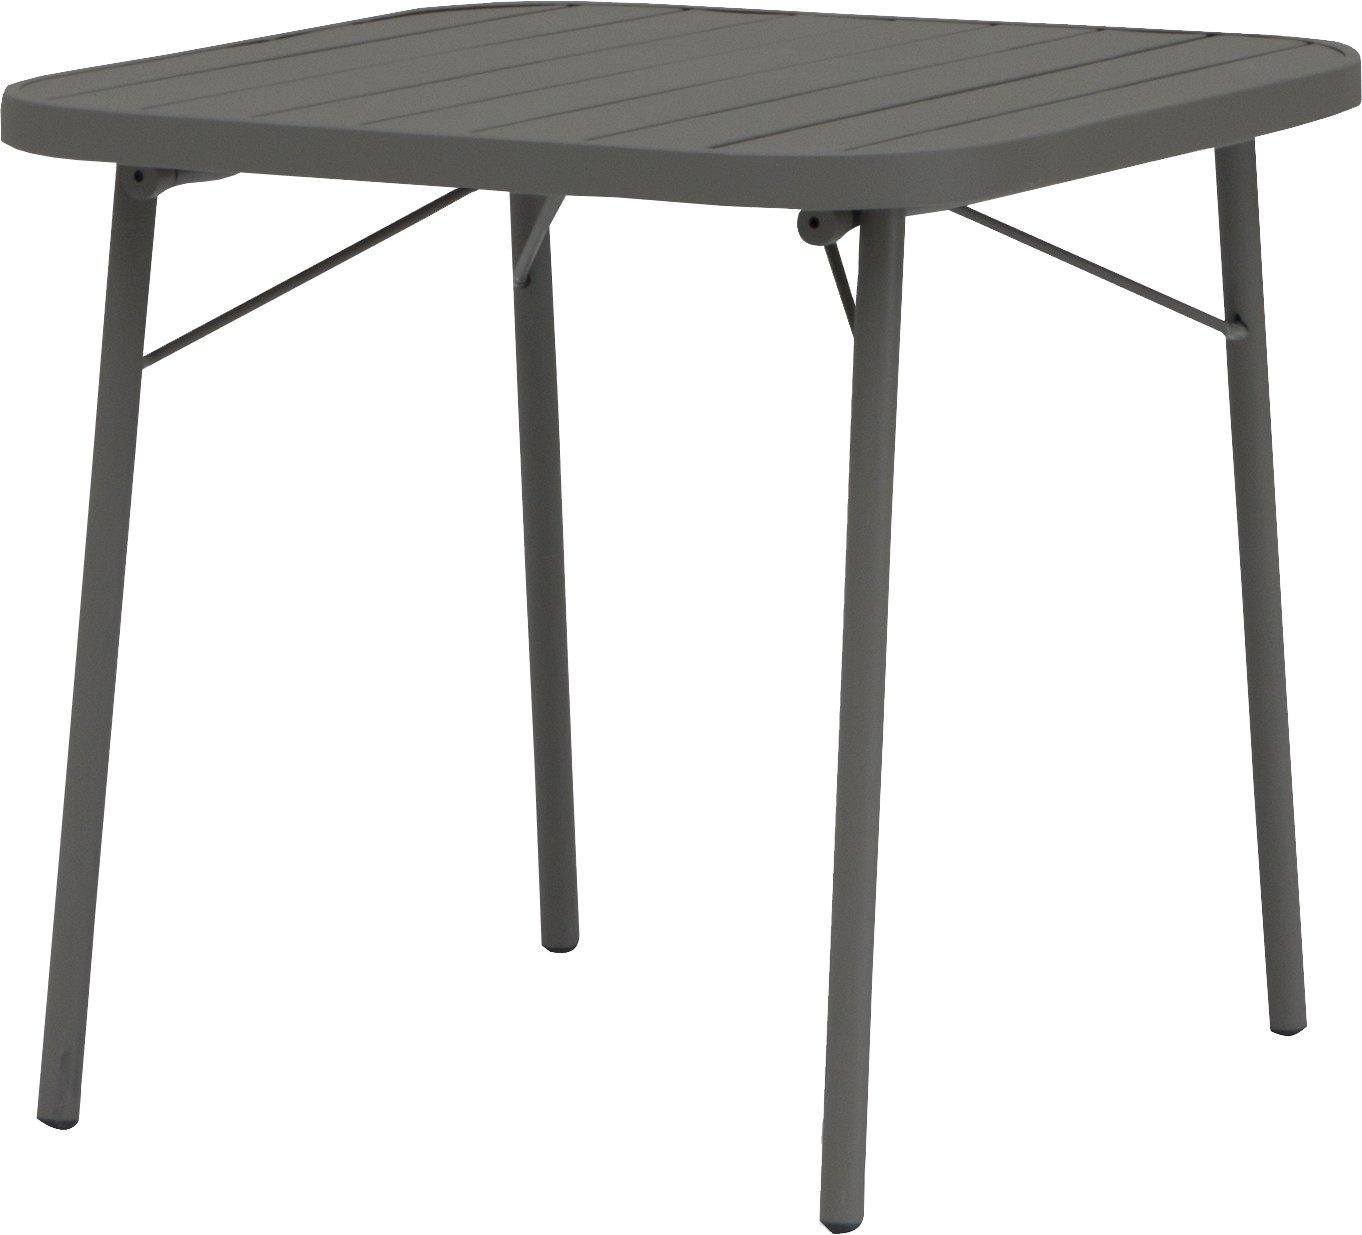 Bien choisir une table de jardin en fer forgé pas chère, conseils et prix -> Table Ronde Fer Forge Pas Chere